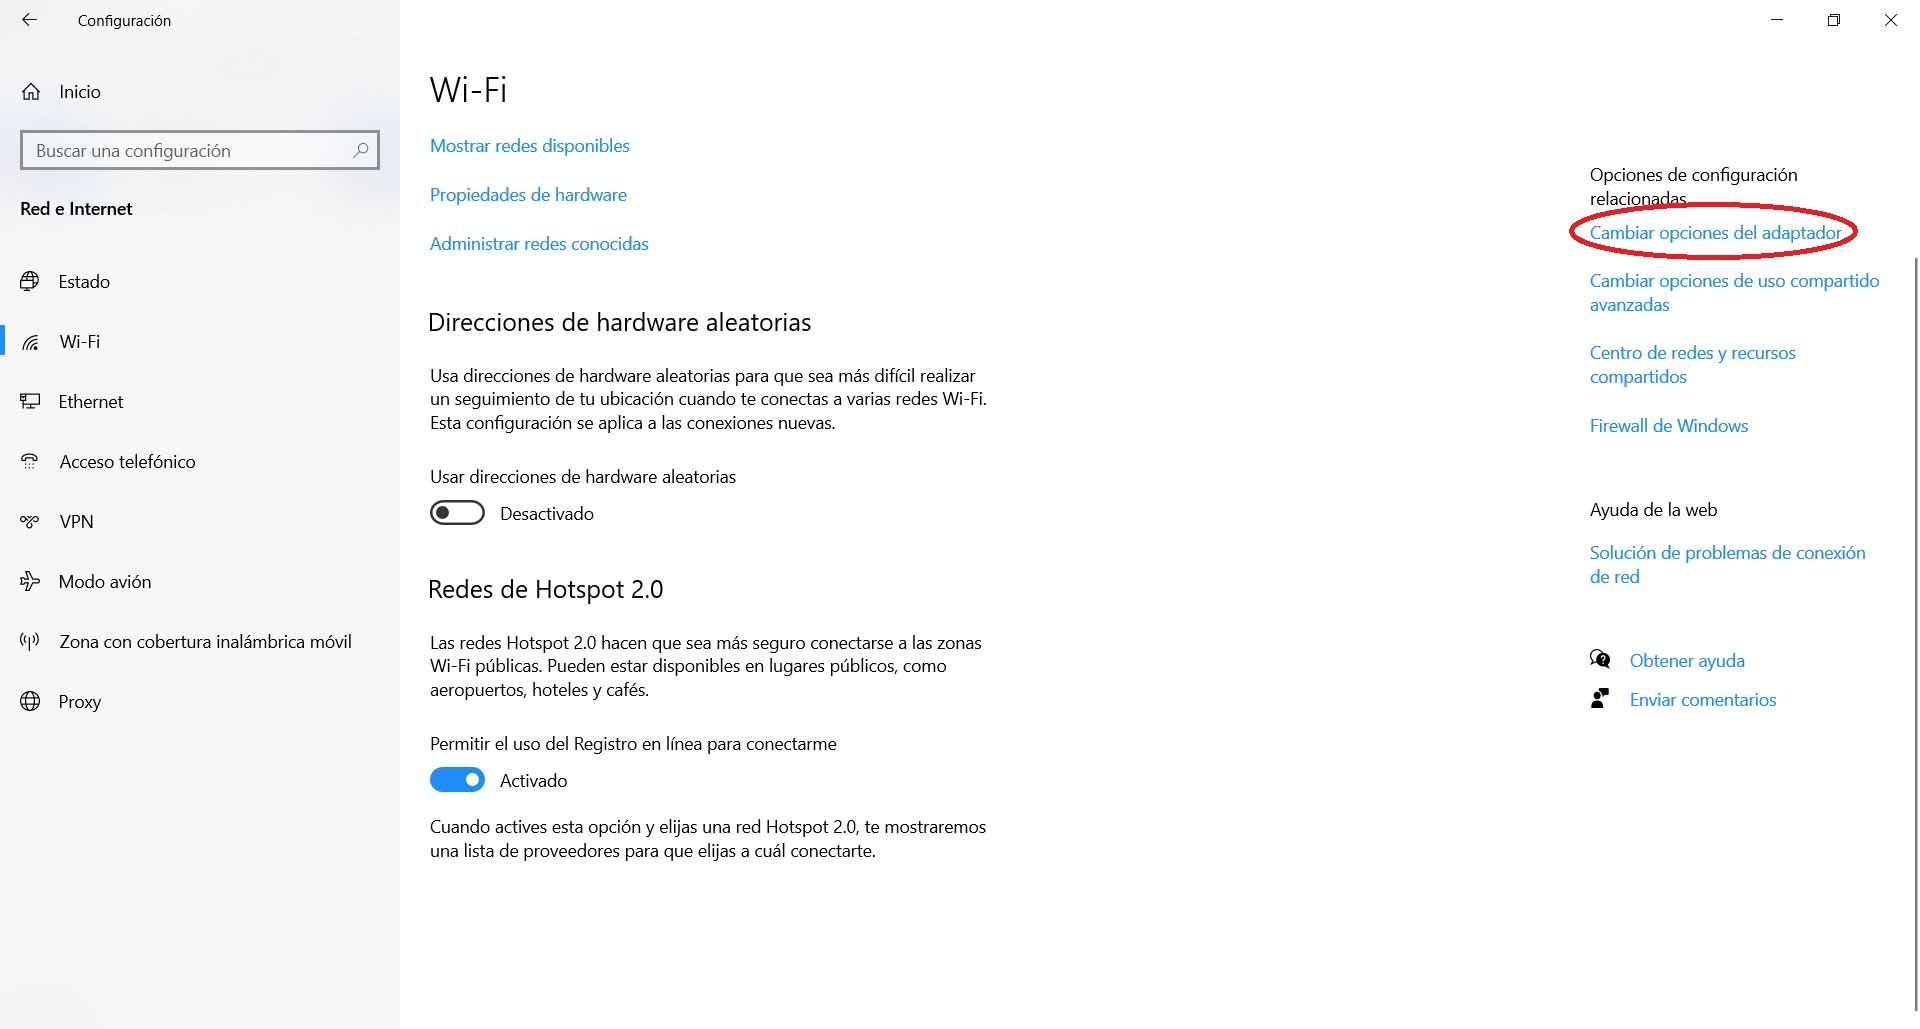 Cambiar las opciones del adaptador en Windows